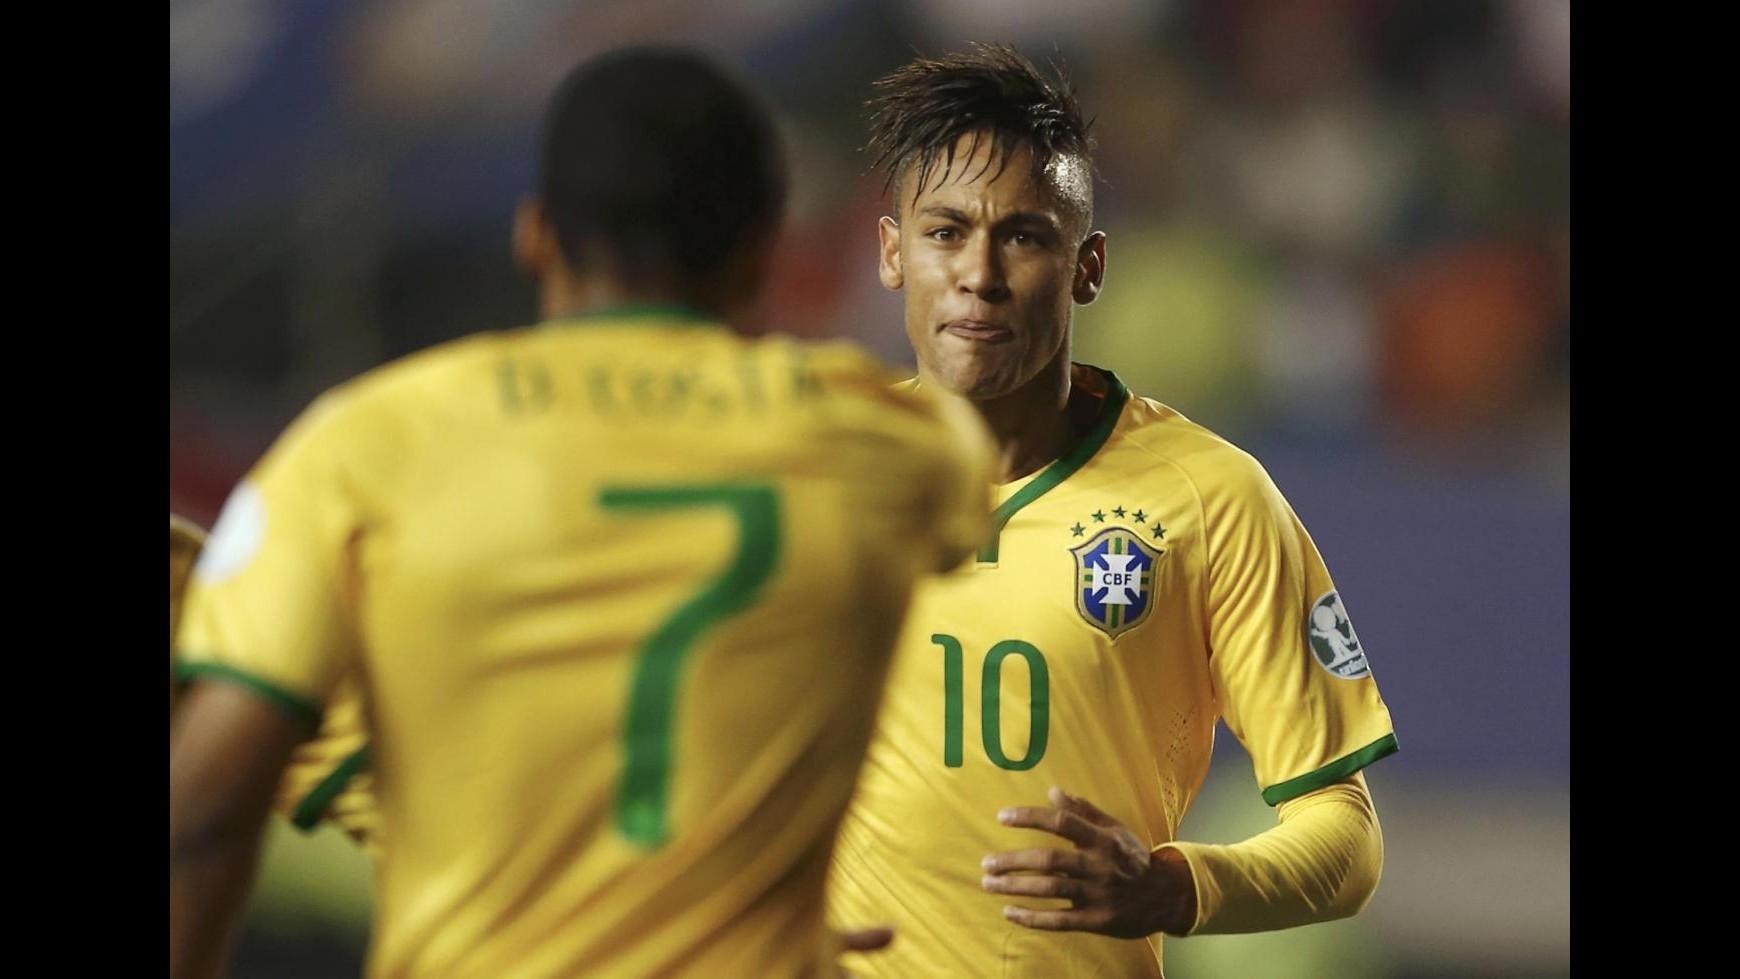 Coppa America finita per Neymar: squalificato 4 turni